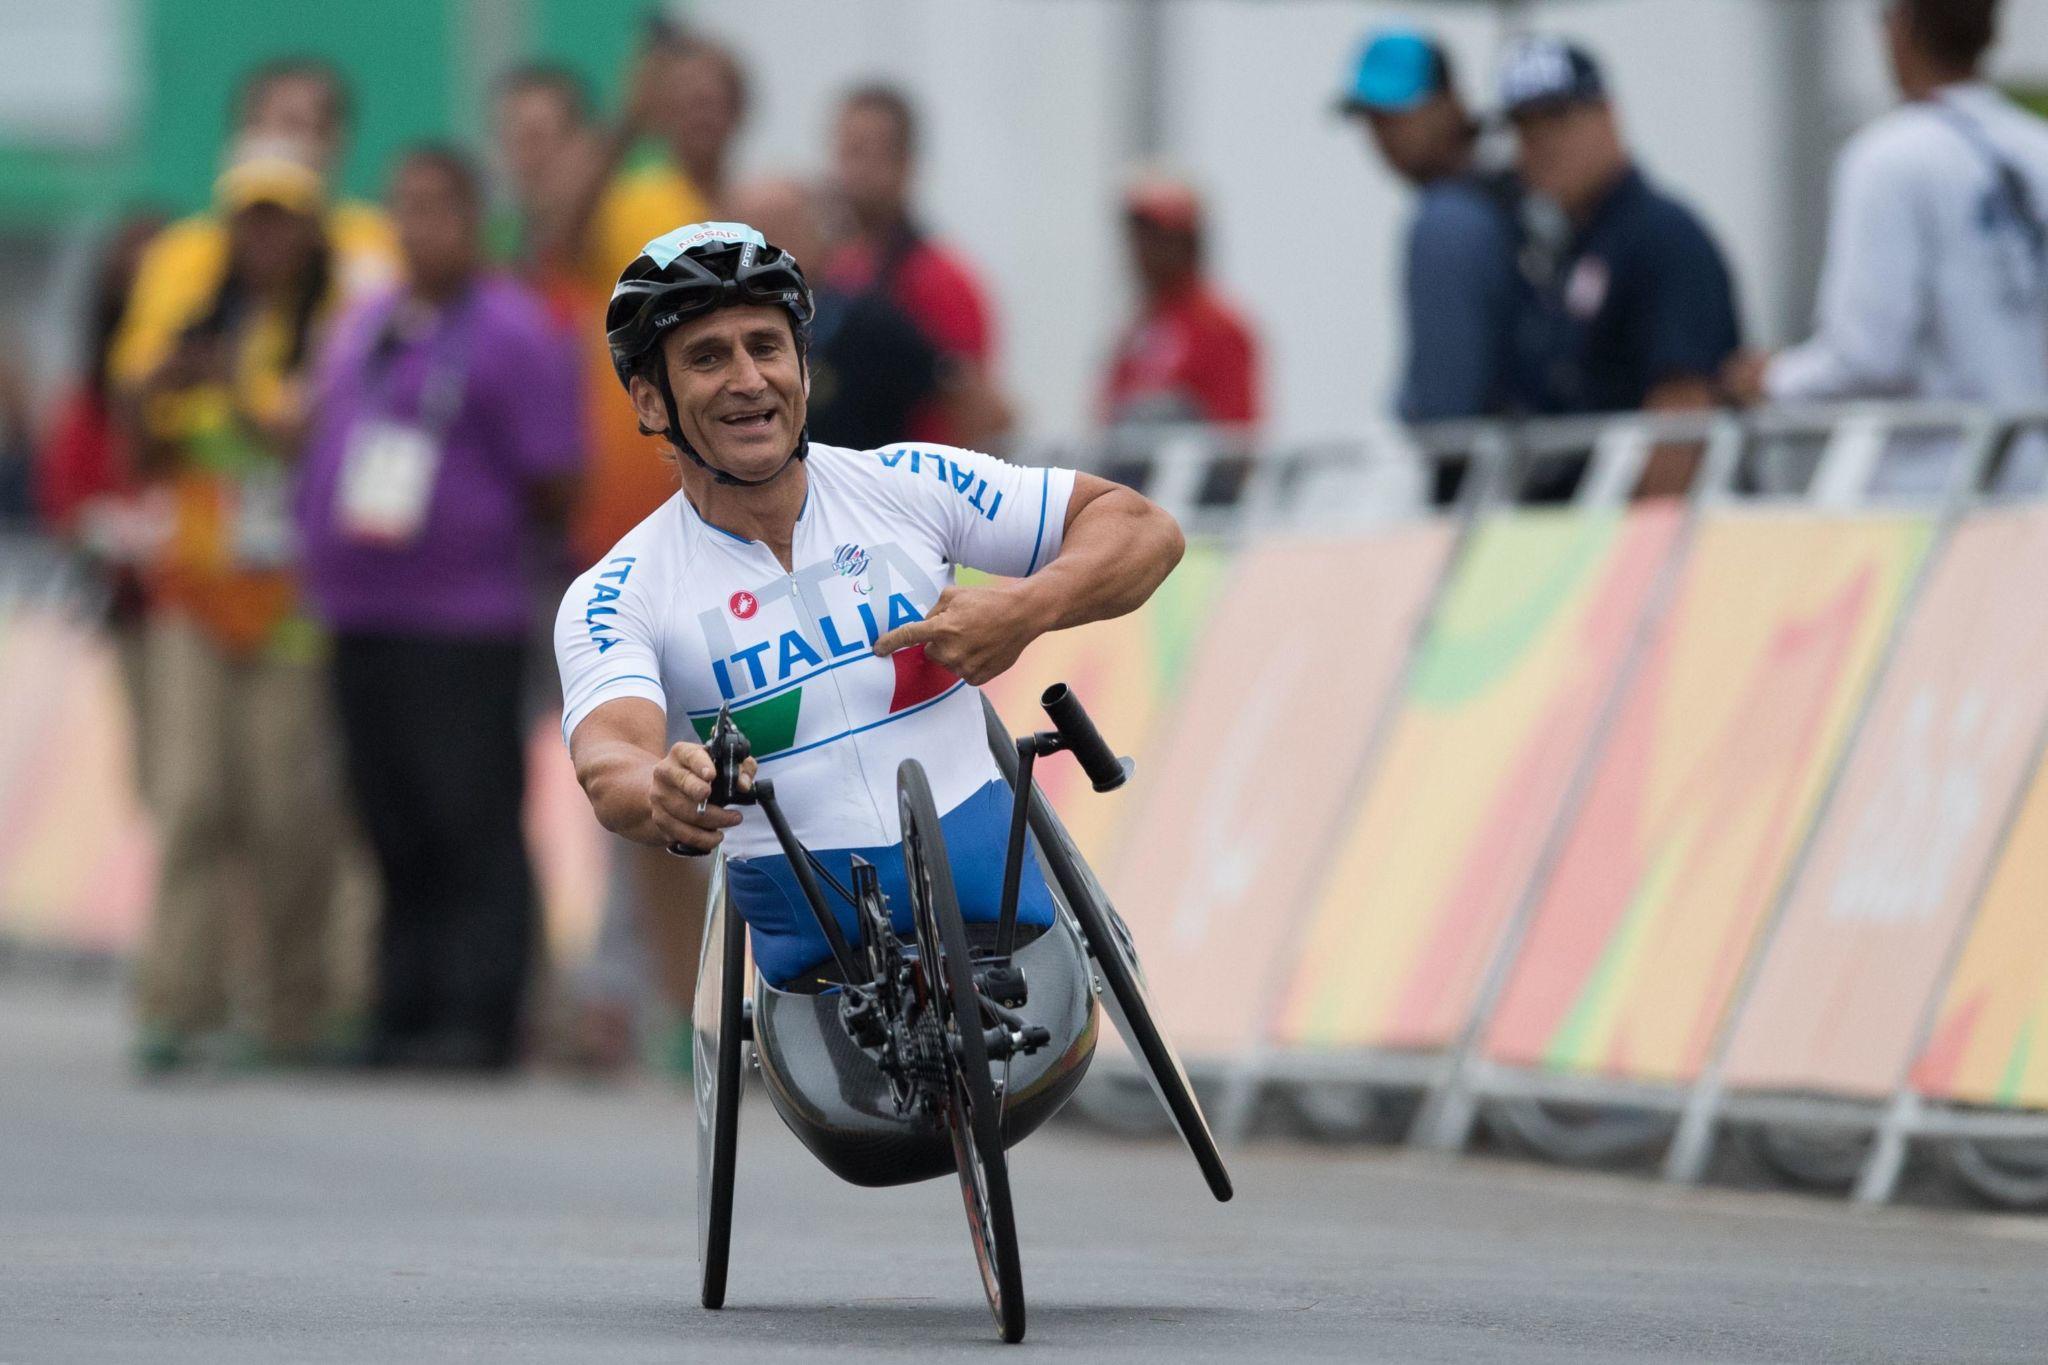 Incidente in handbike, Alex Zanardi è in condizioni molto gravi ...